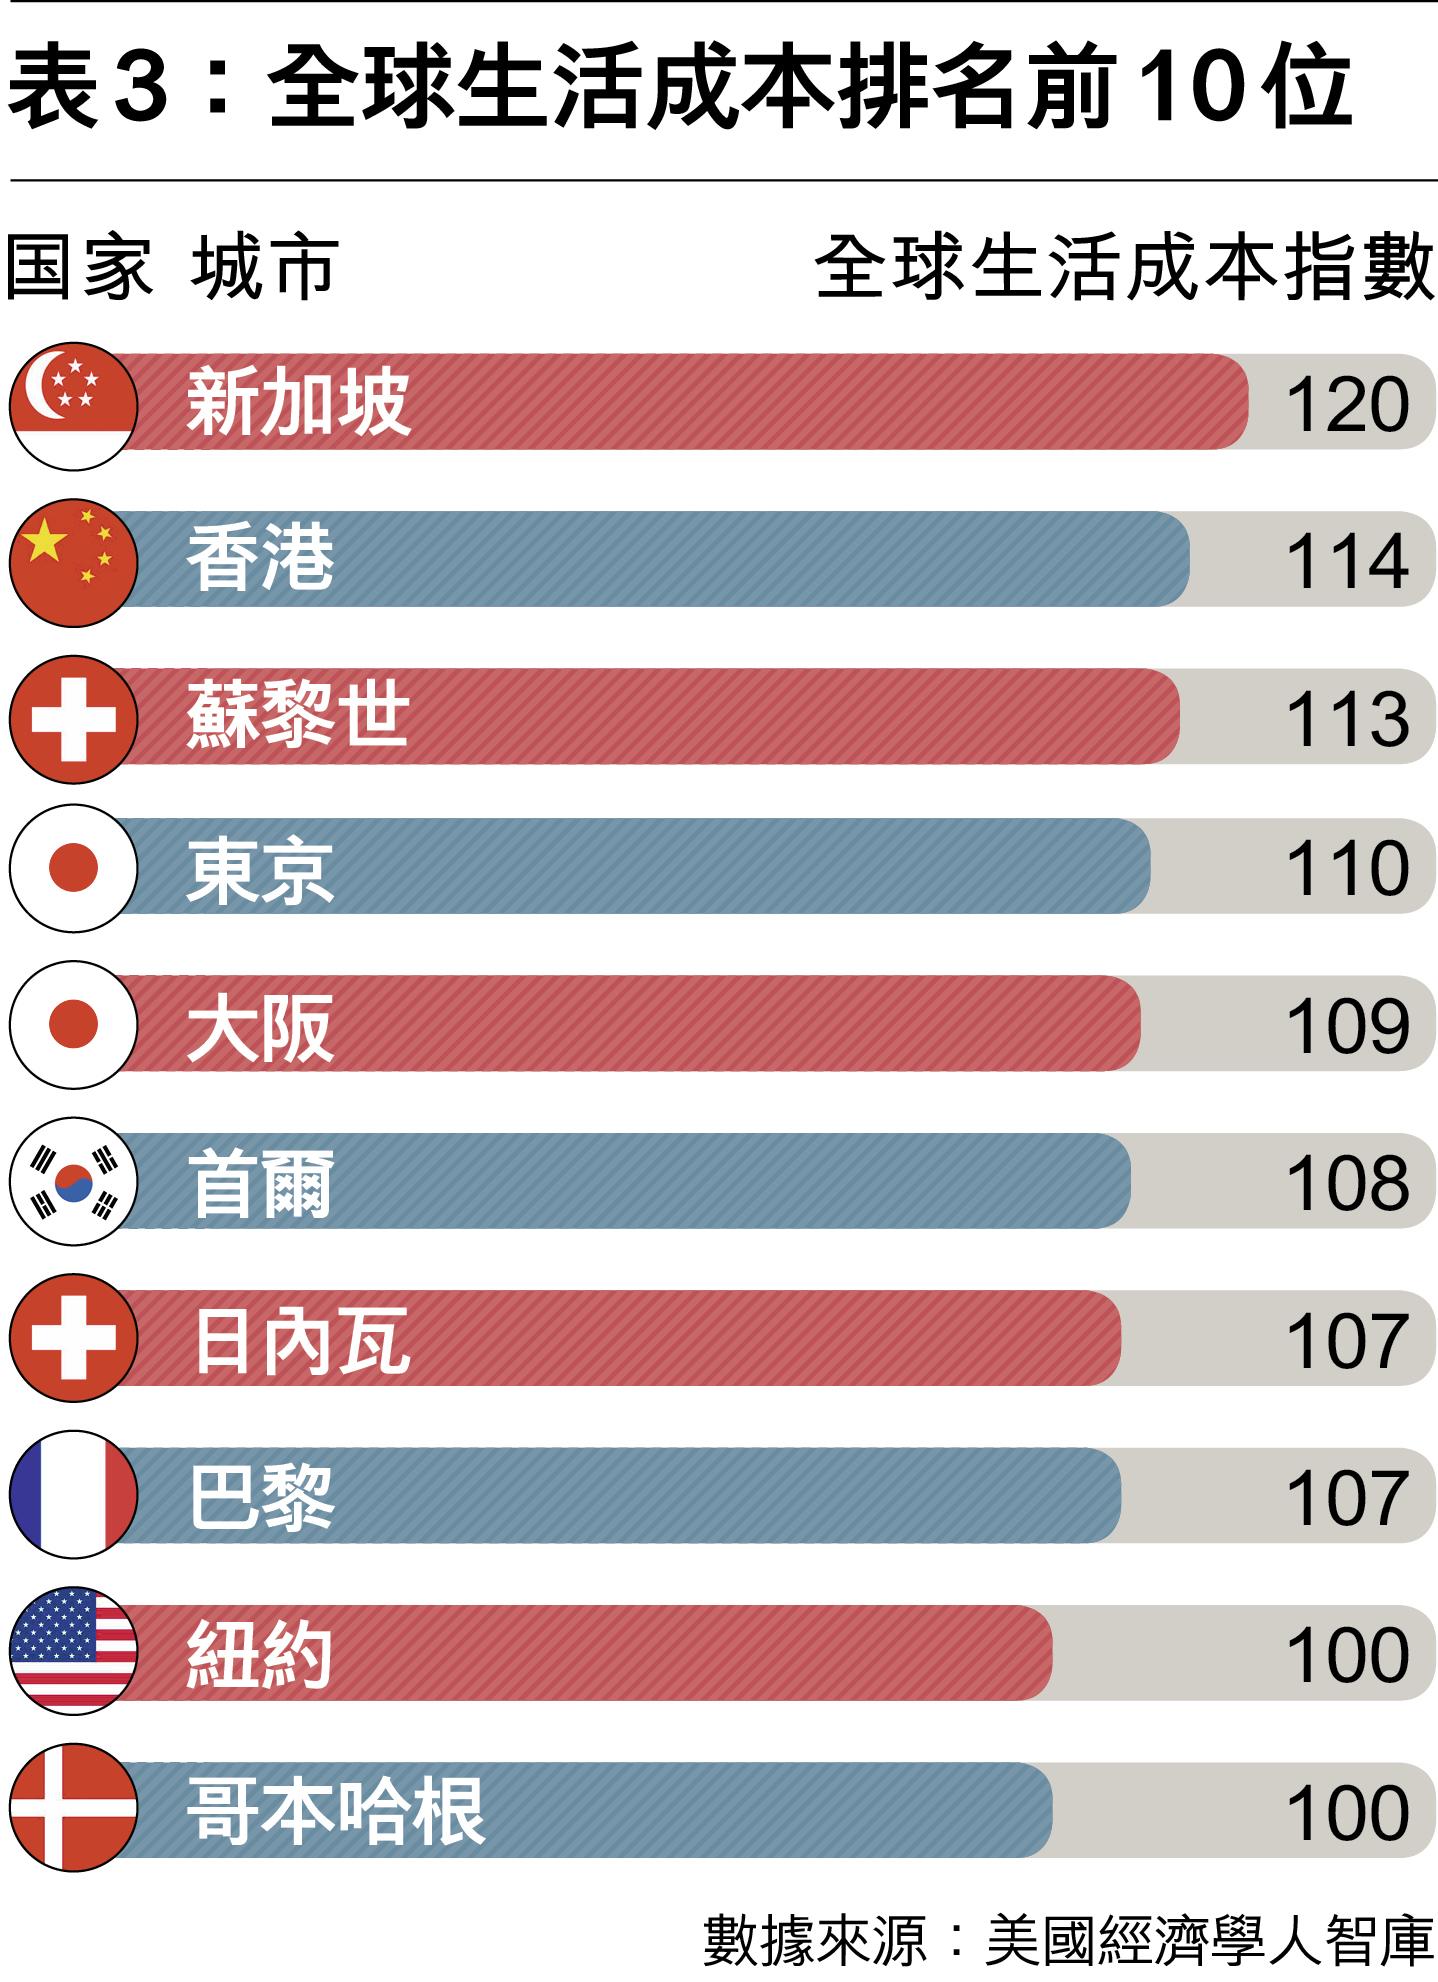 陸港臺青年世代的「貧困危機」-多維cn期刊-多維新聞網